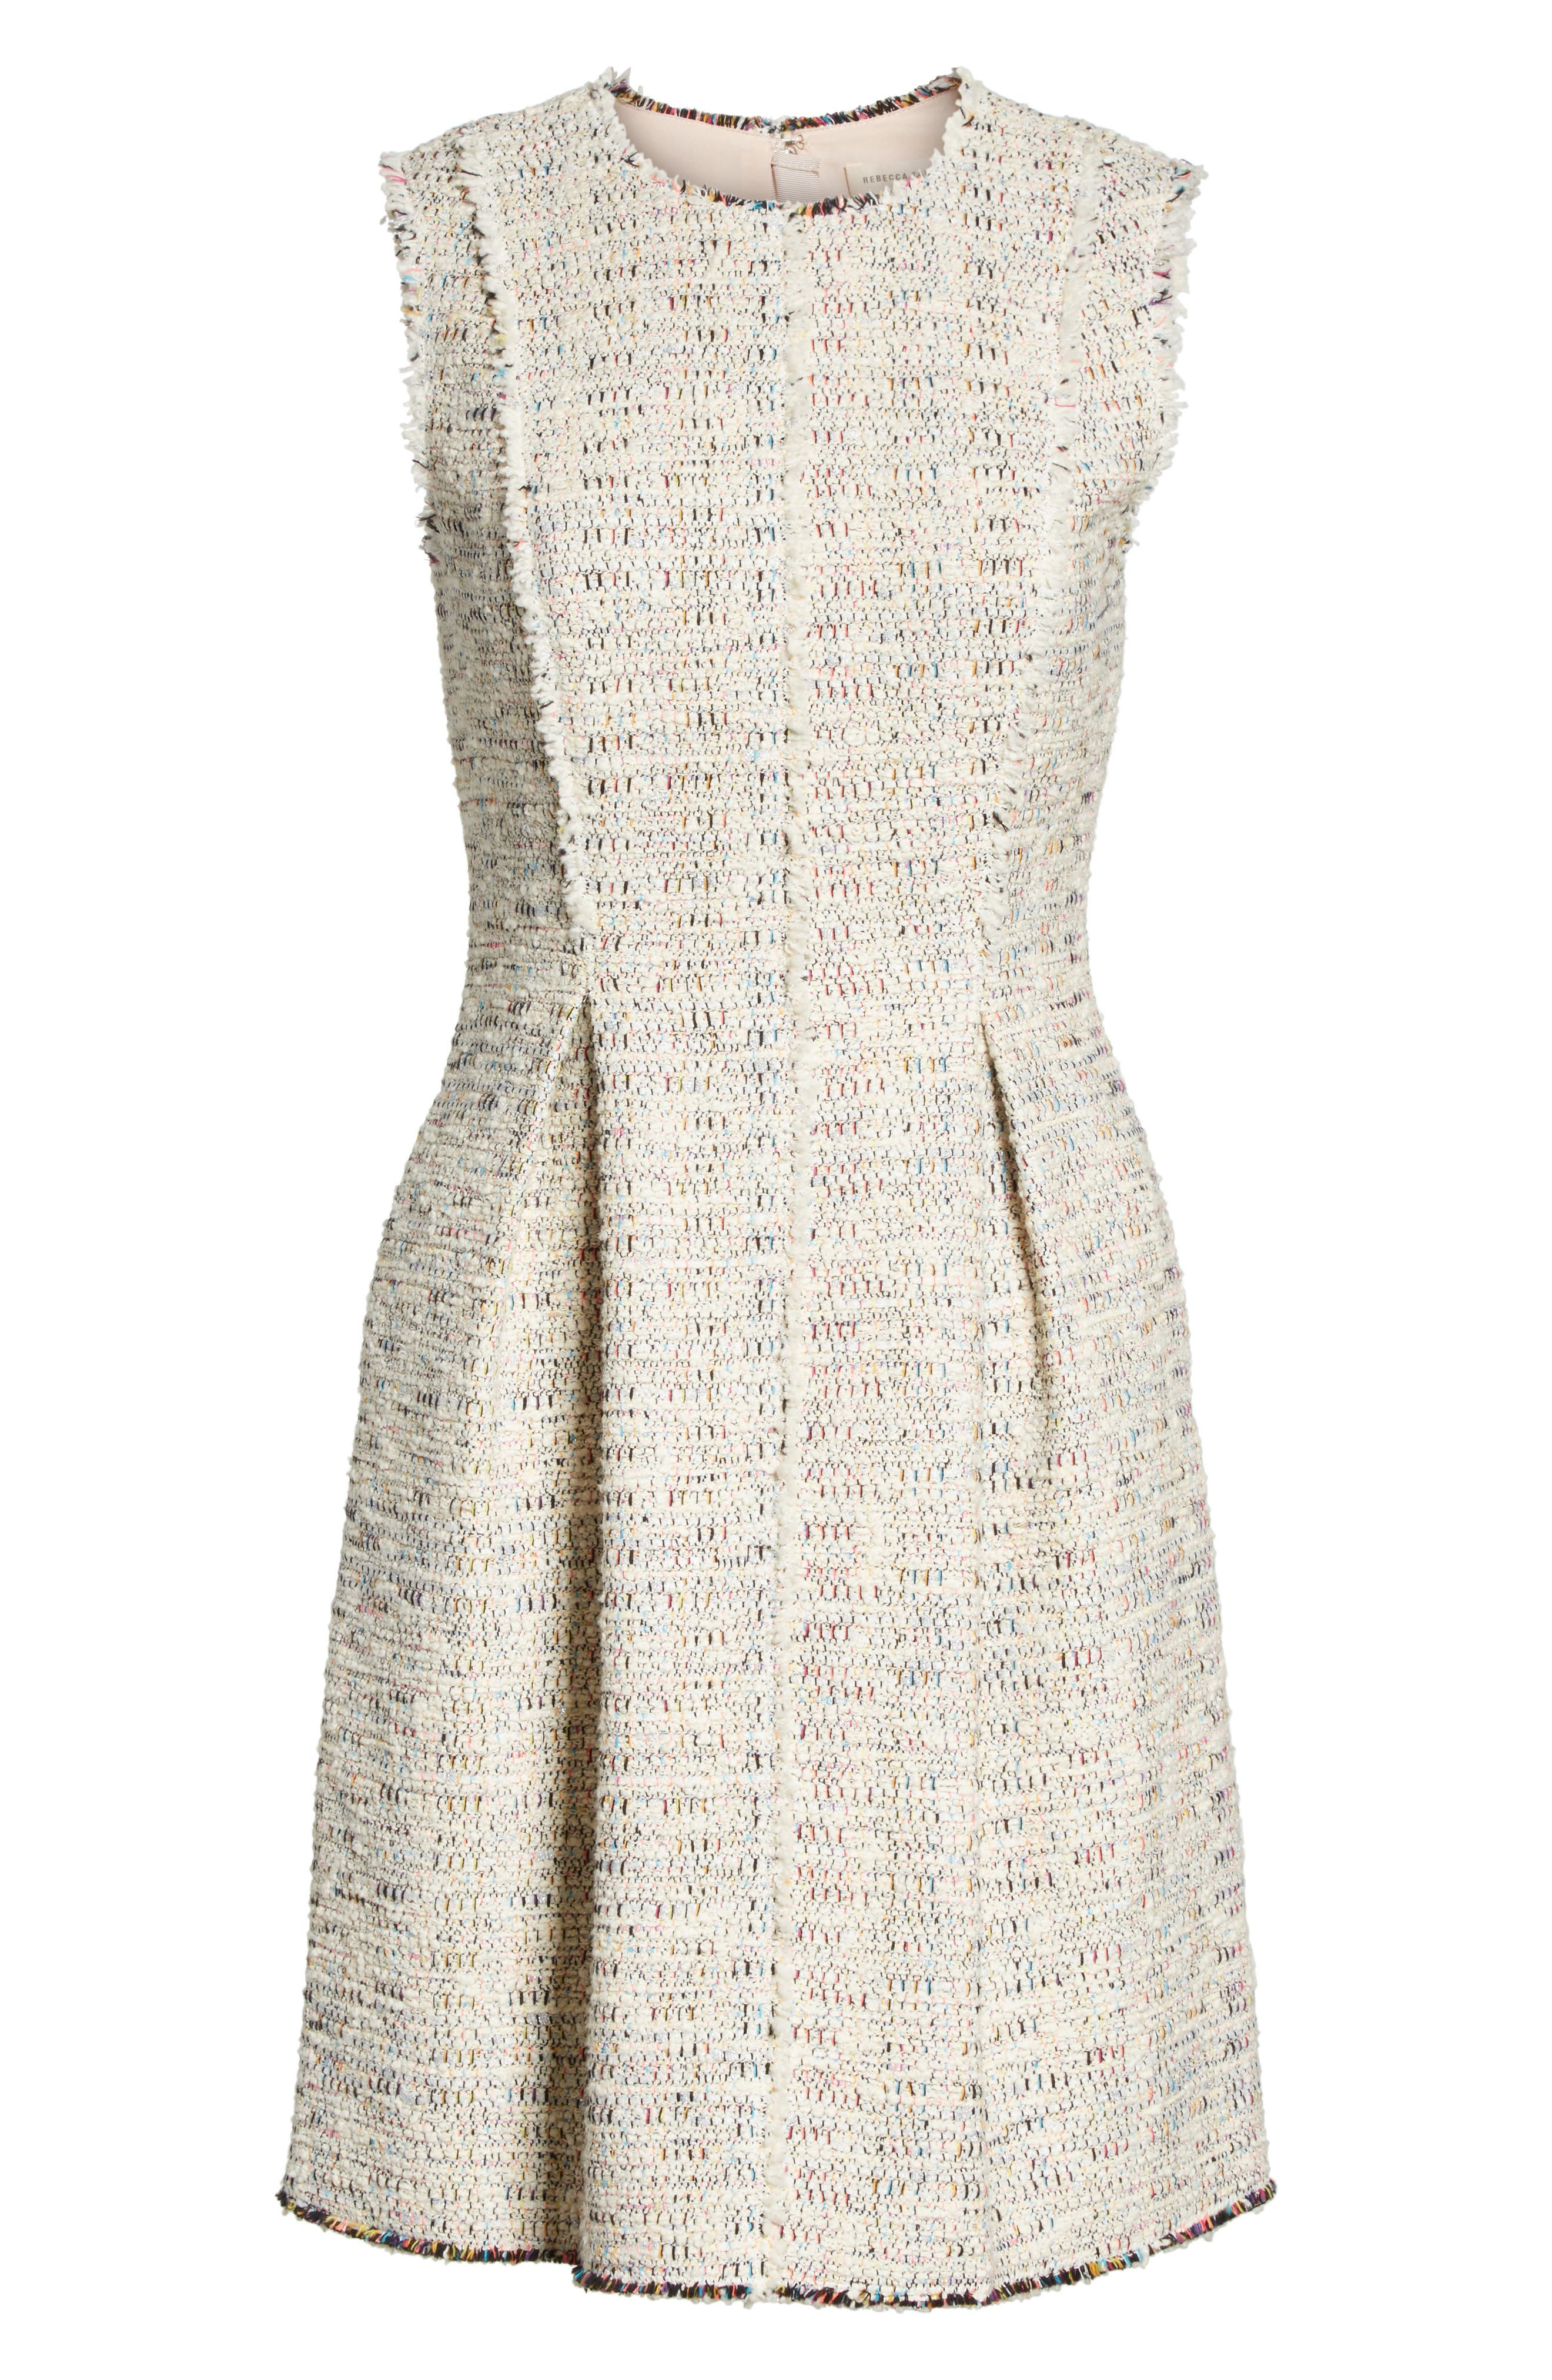 Rainbow Tweed A-Line Dress,                             Alternate thumbnail 6, color,                             Multi